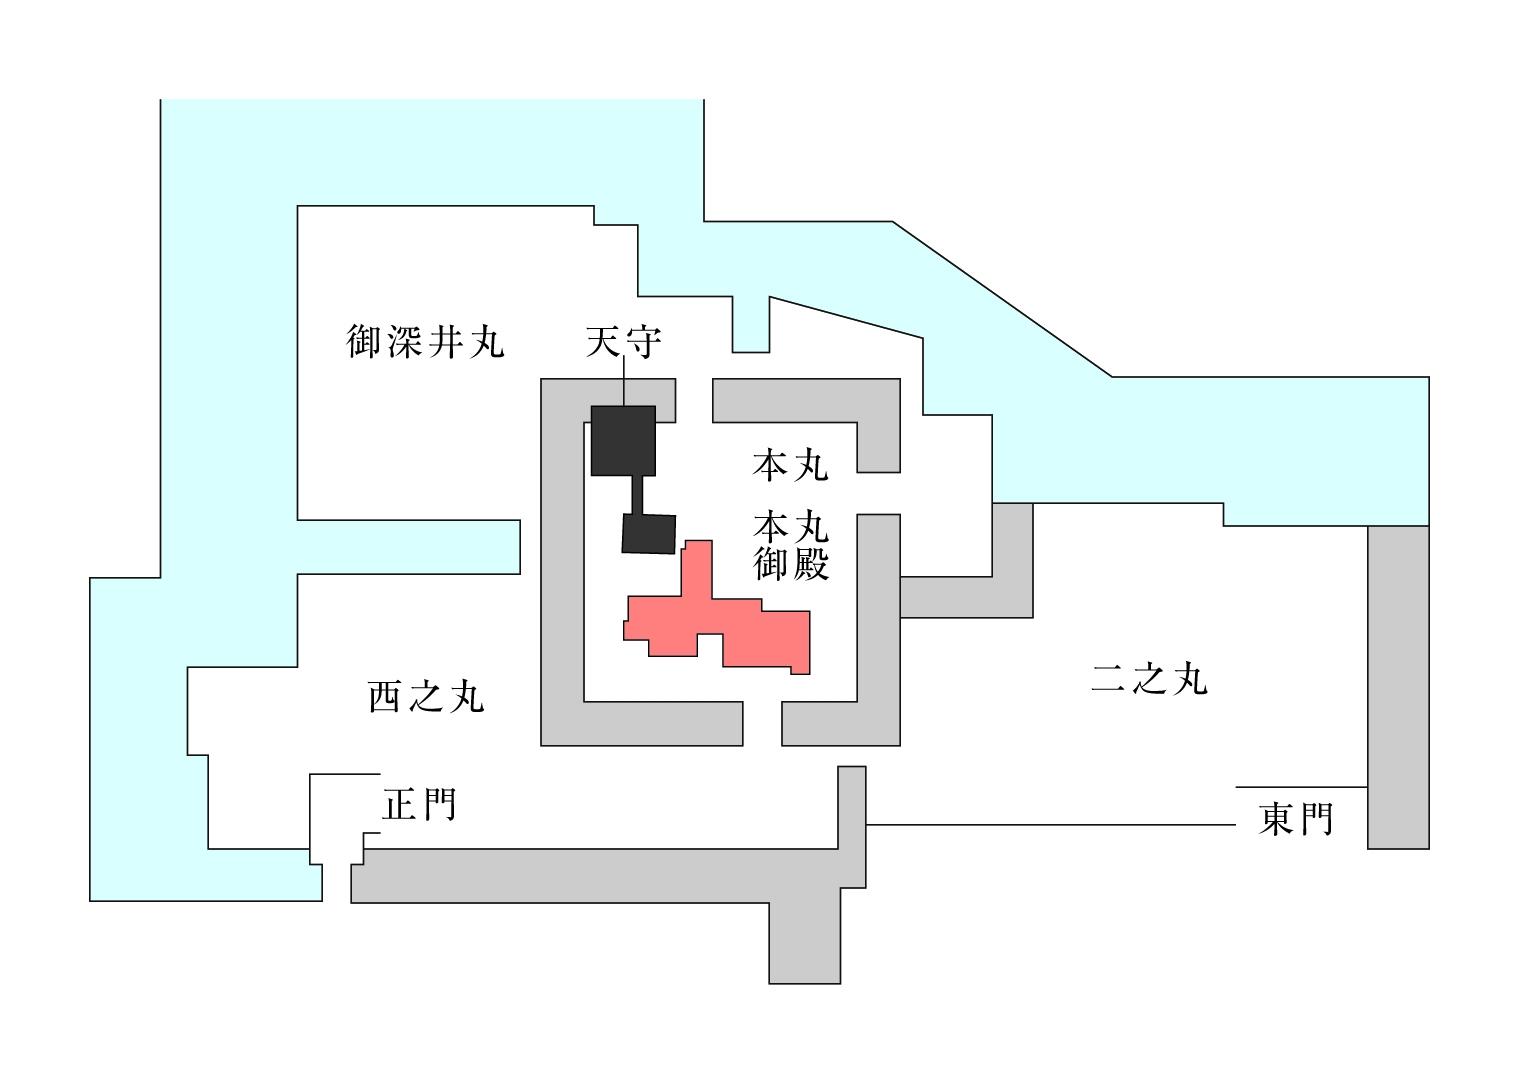 名古屋城本丸御殿が400年ぶりに復元完了!当時の技術を忠実に再現。 - sub2